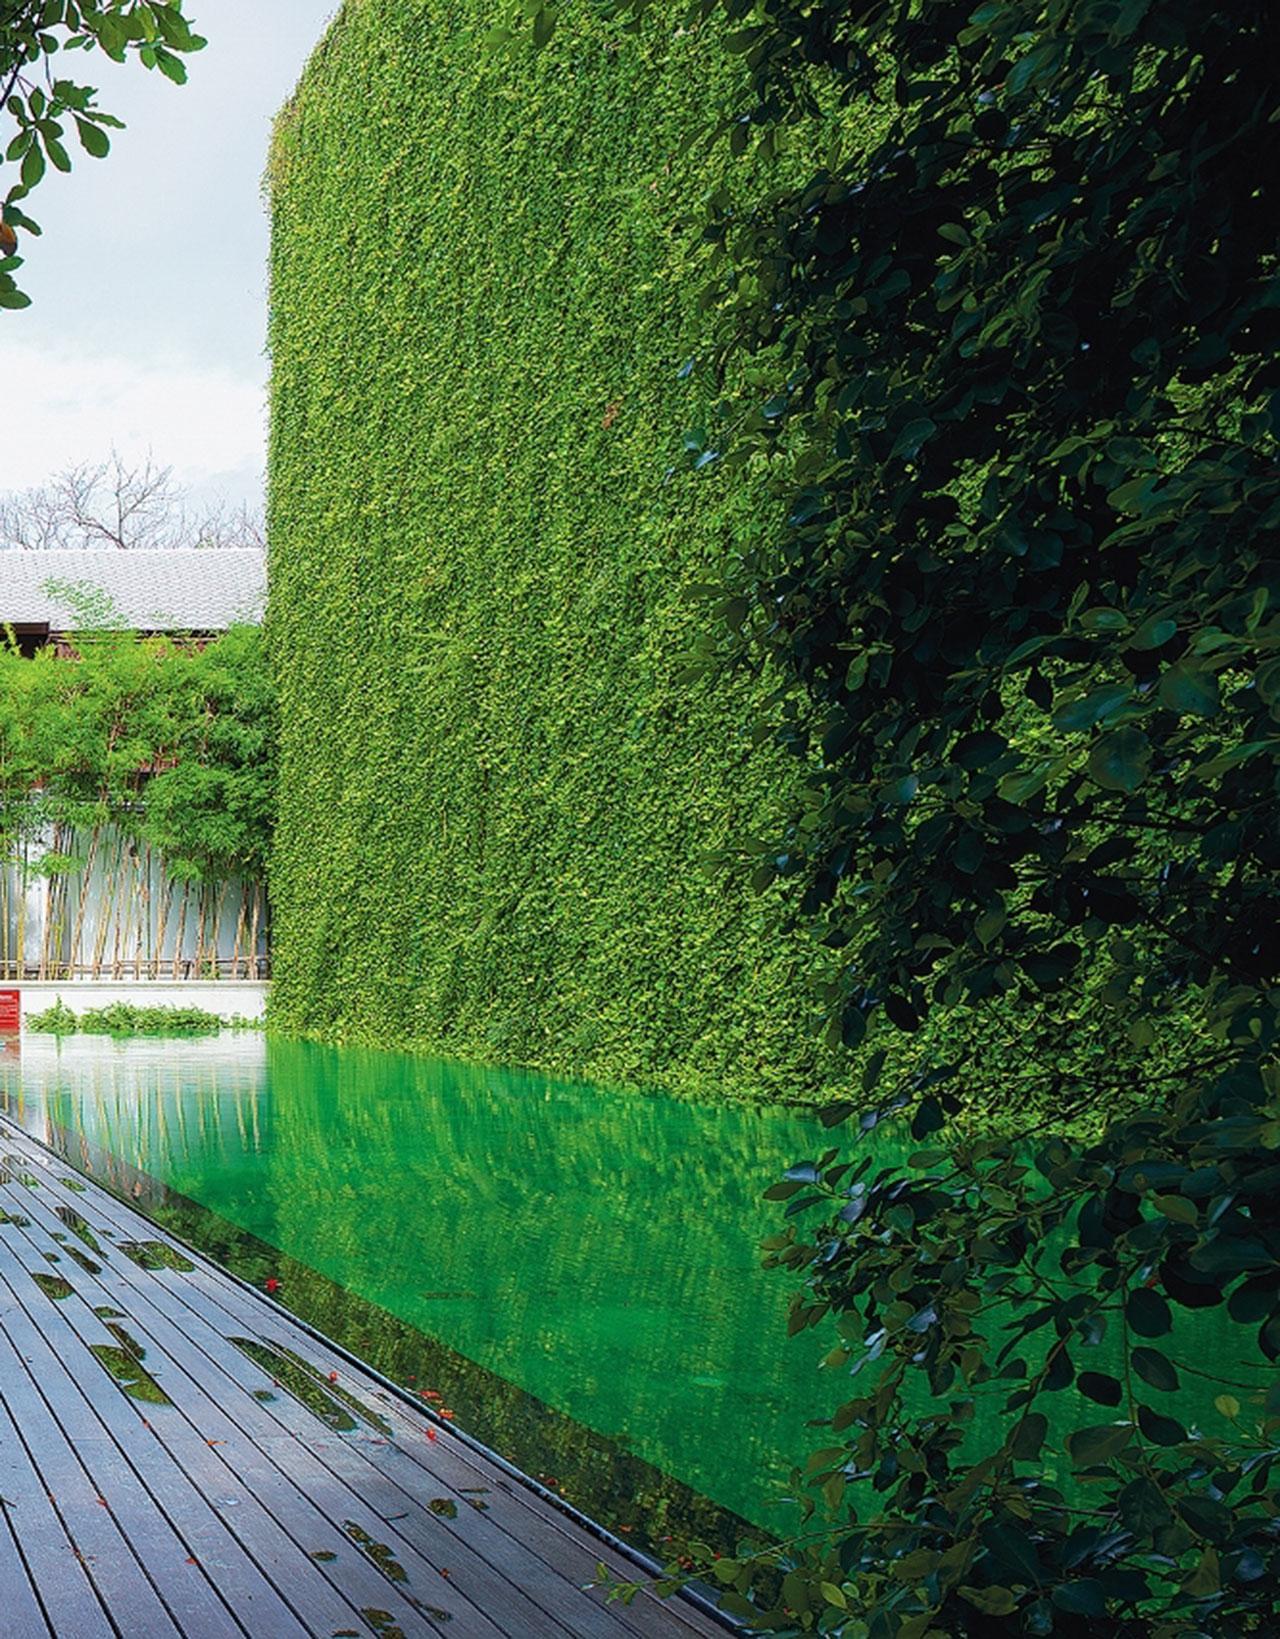 ต้นไม้ที่พบเห็นได้ง่ายและไม่ต้องดูแลรักษามากอย่าง พลูด่างเมื่อนำมาใช้บนผนังสวนแนวตั้งก็ทำให้มุมดังกล่าวดูโดดเด่นและสวยงามได้ไม่ยาก